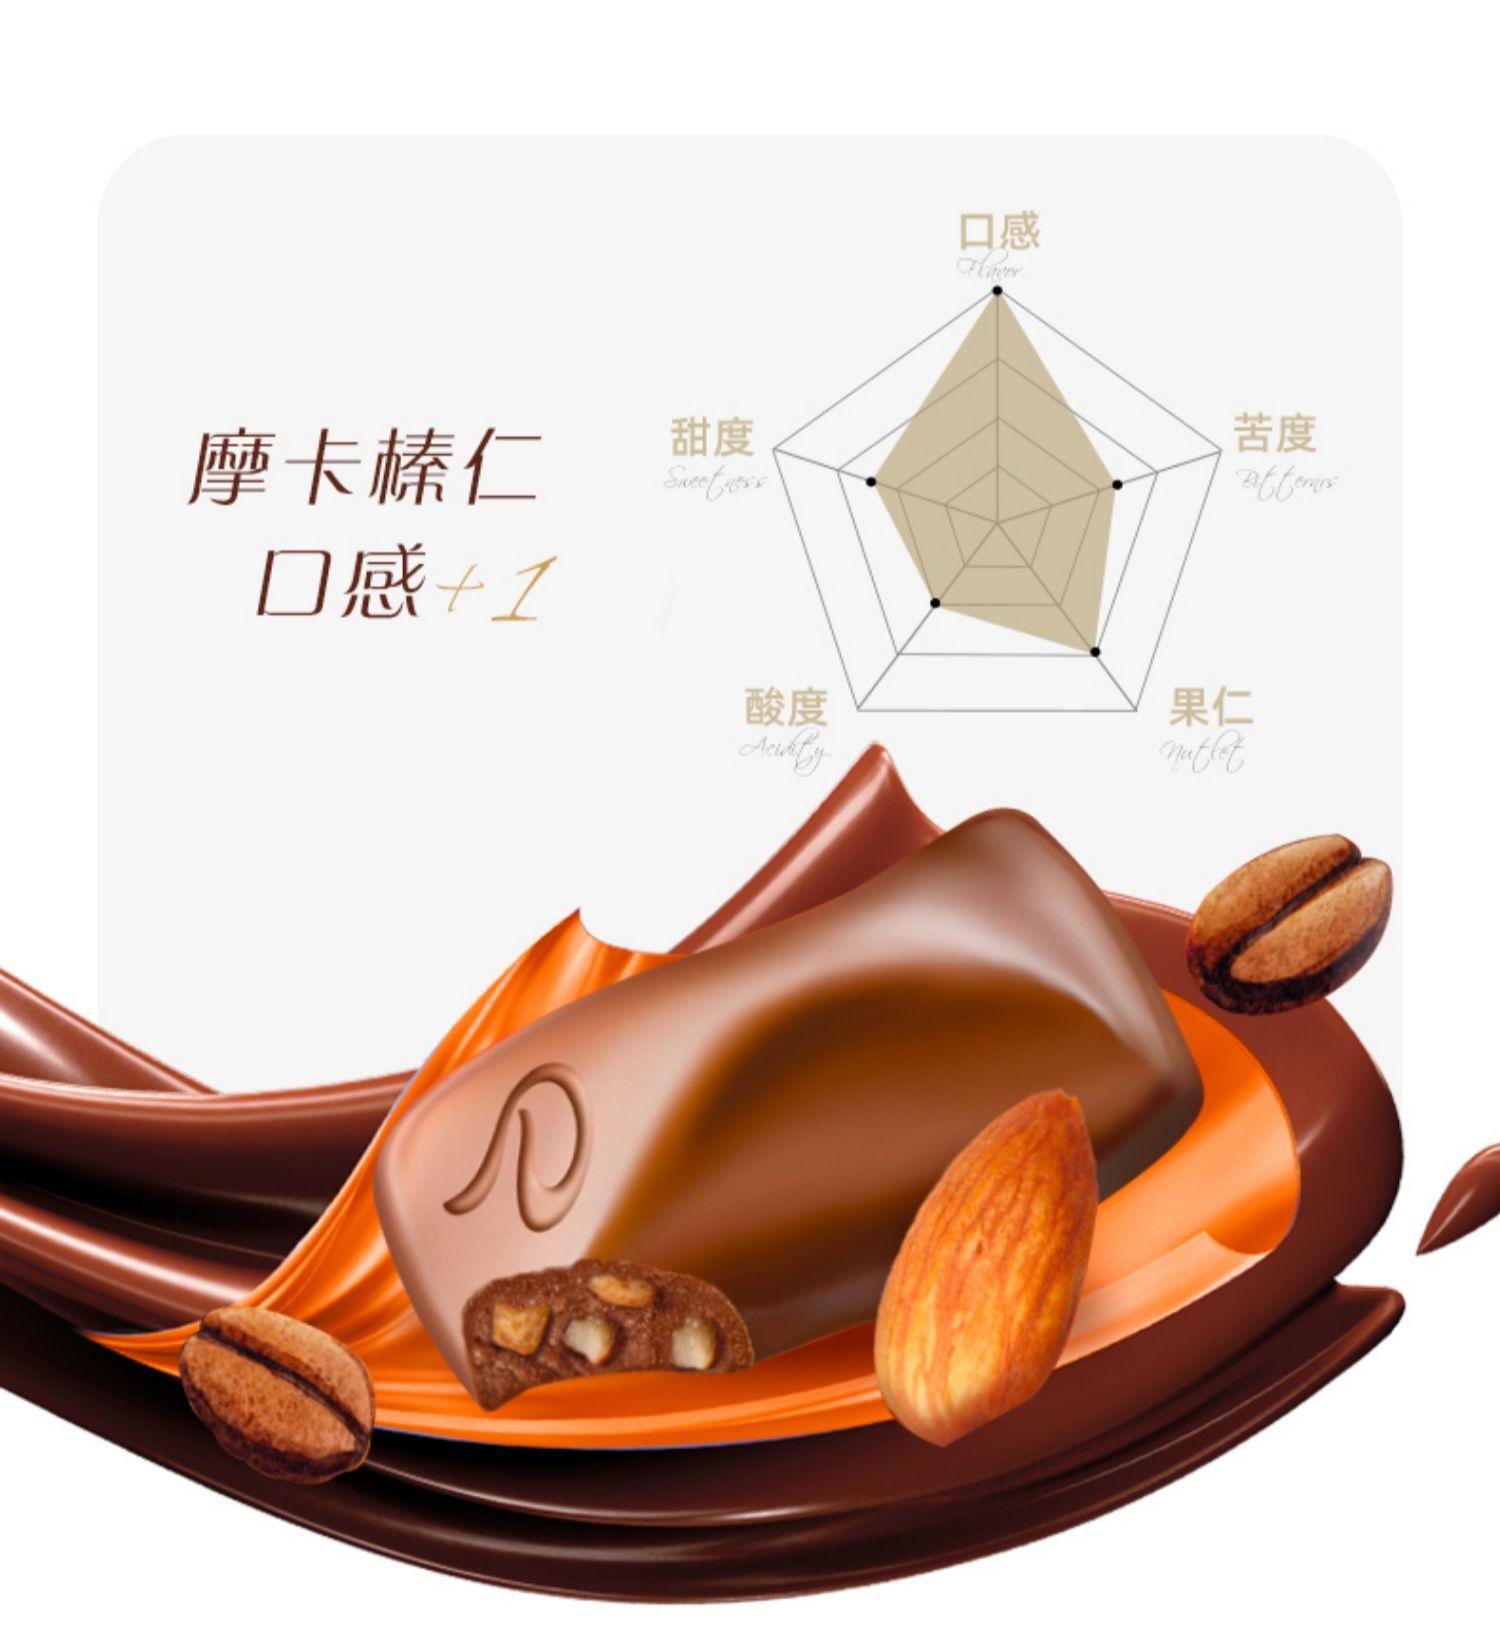 【德芙】巧克力两碗装零食礼盒装